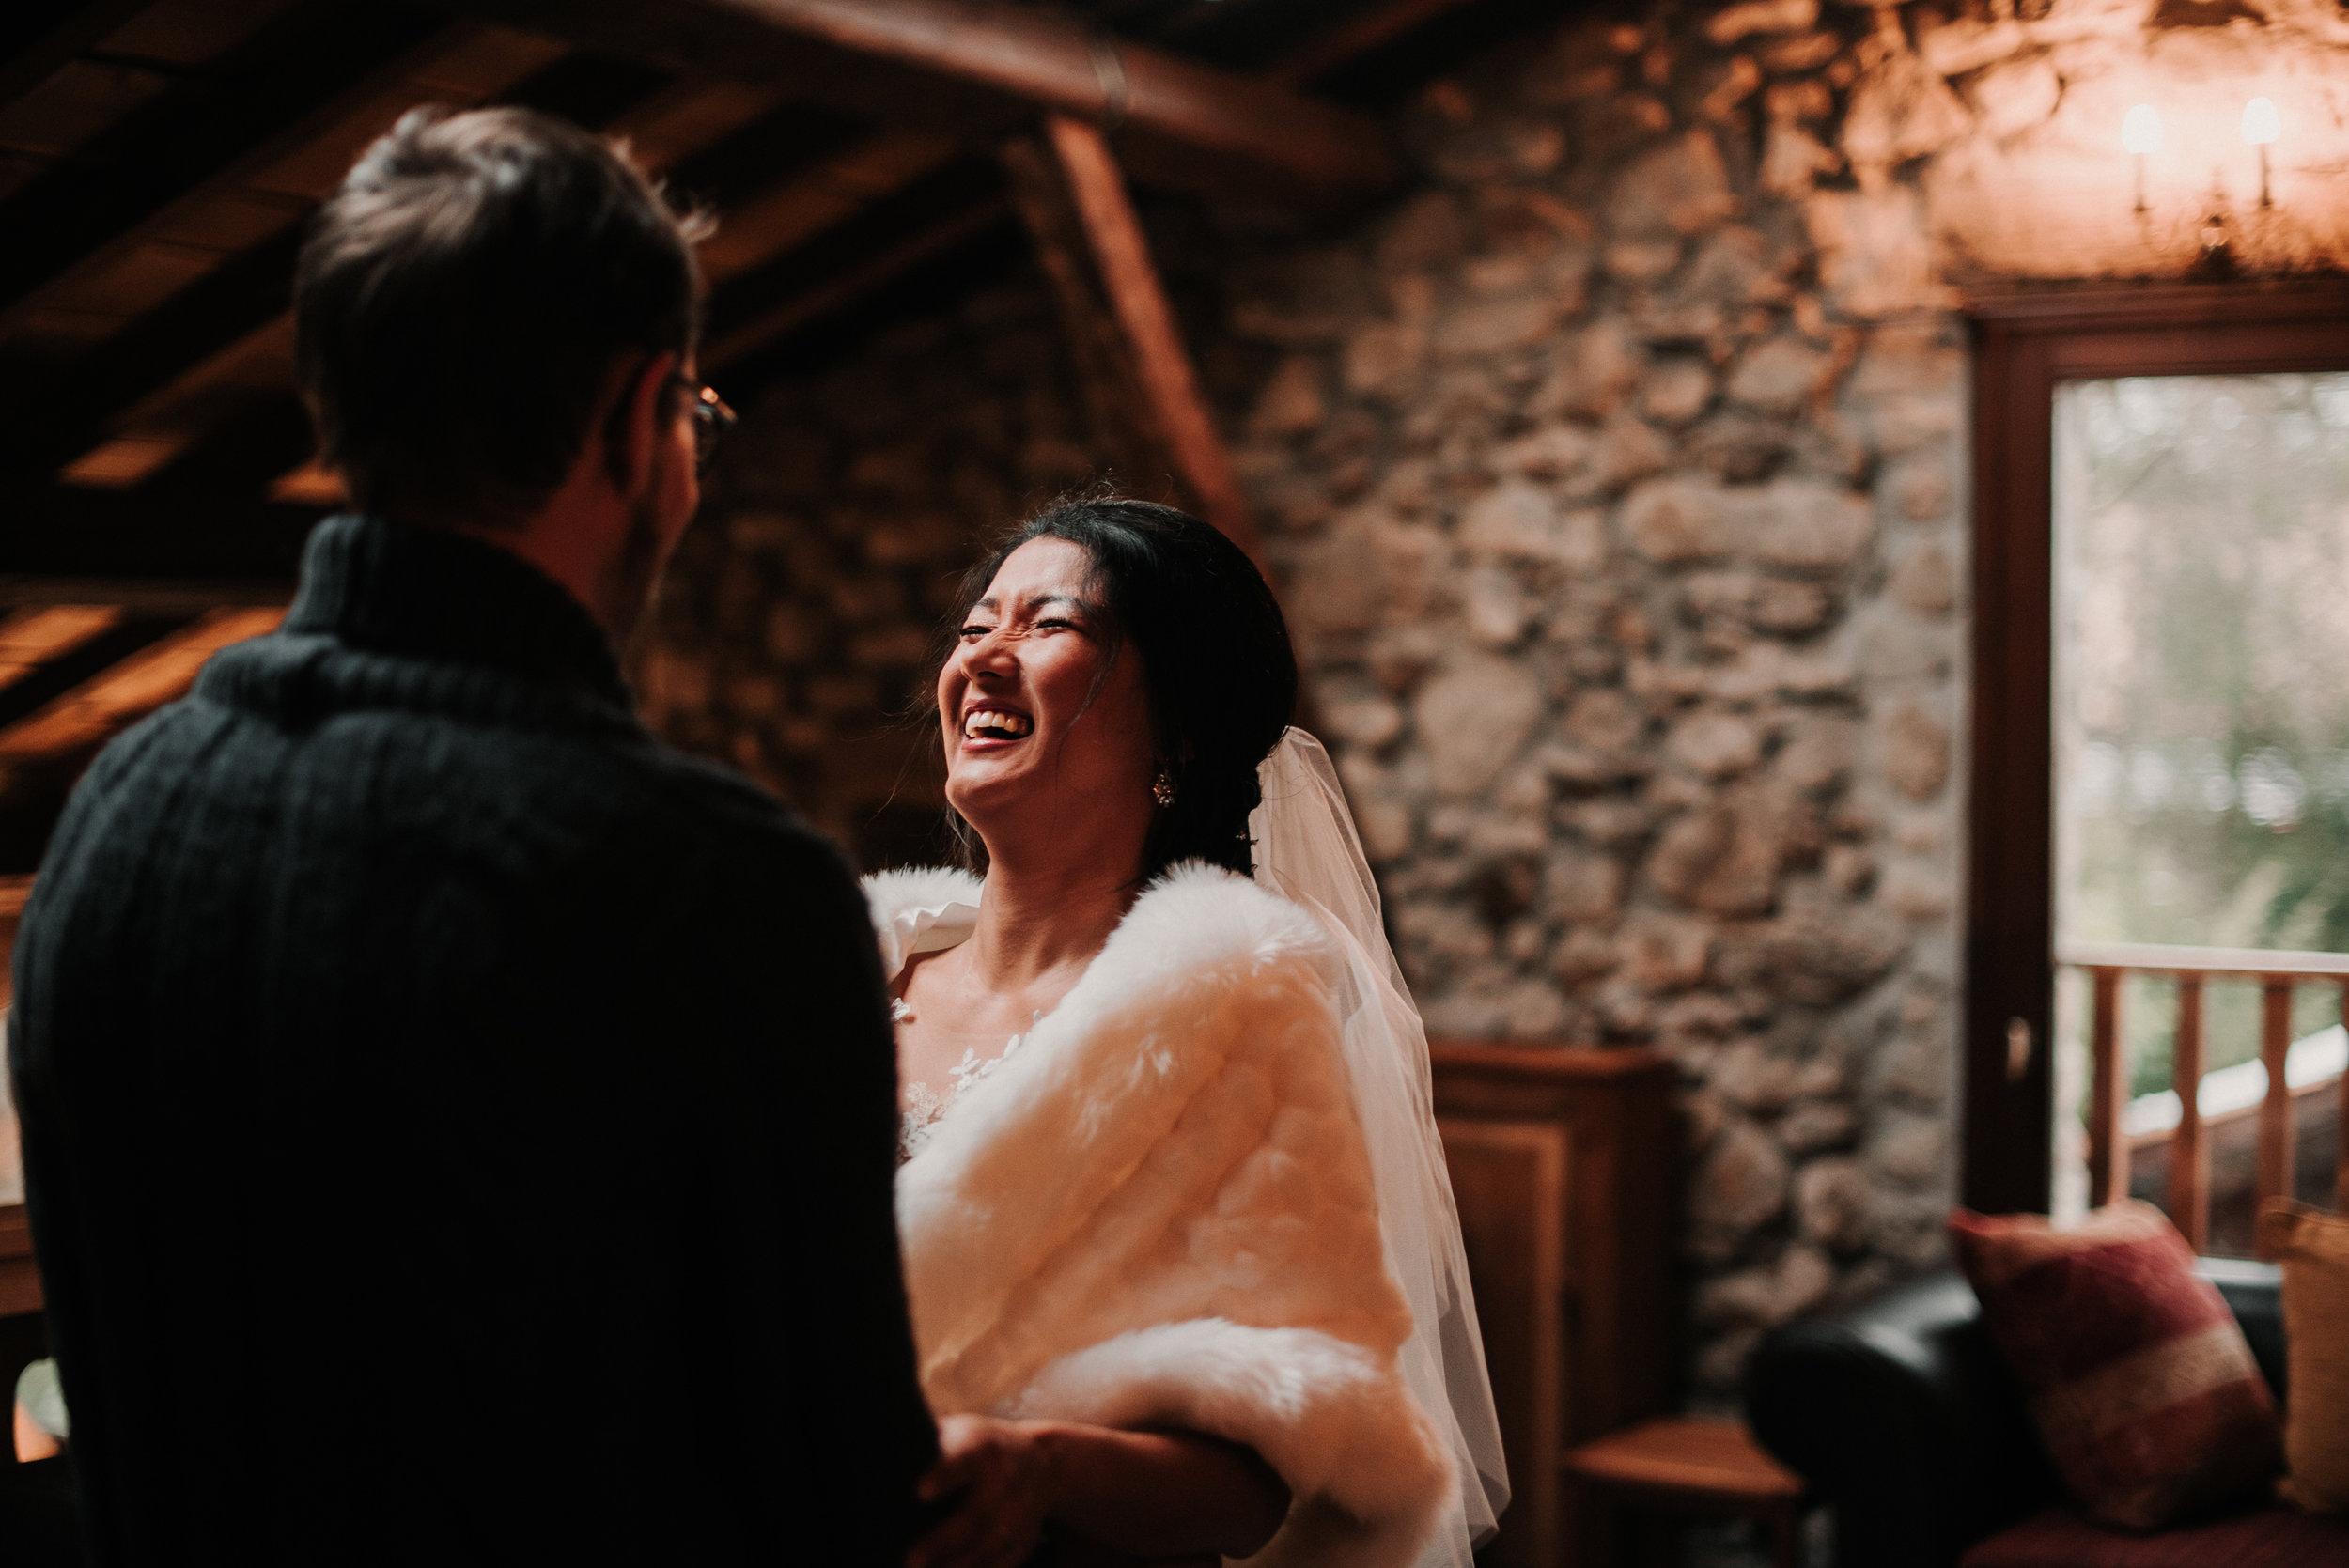 Léa-Fery-photographe-professionnel-lyon-rhone-alpes-portrait-creation-mariage-evenement-evenementiel-famille-6868.jpg